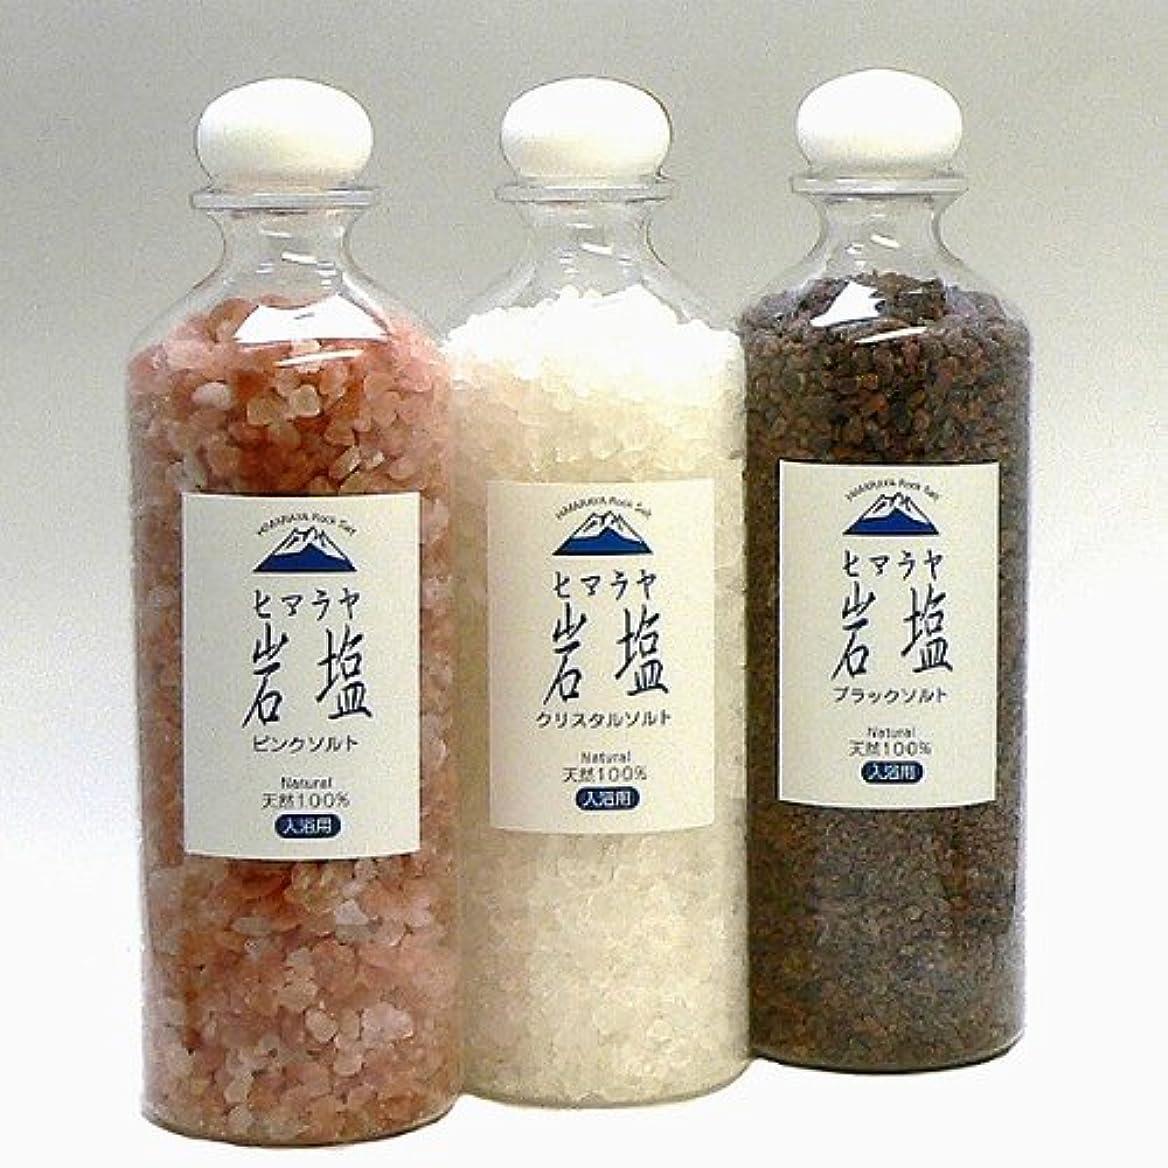 ロデオ均等にロッカーヒマラヤ岩塩(ピンク岩塩?クリスタル岩塩?ブラック岩塩)入浴用(小粒)ボトル入りセット